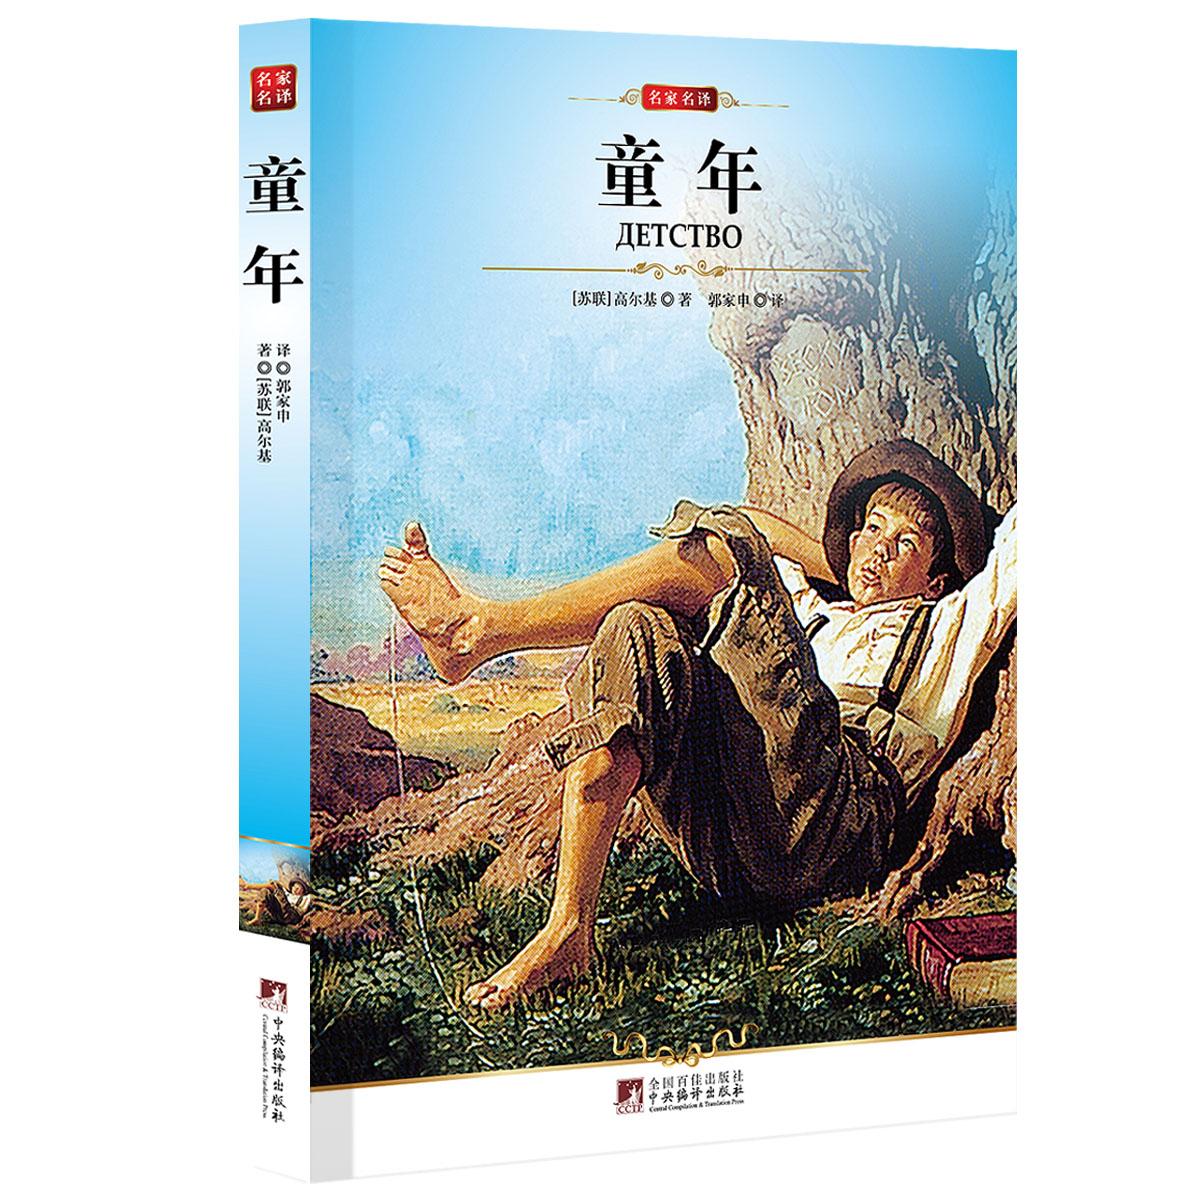 《童年》([苏联]高尔基)【摘要 书评 试读】- 京东图书